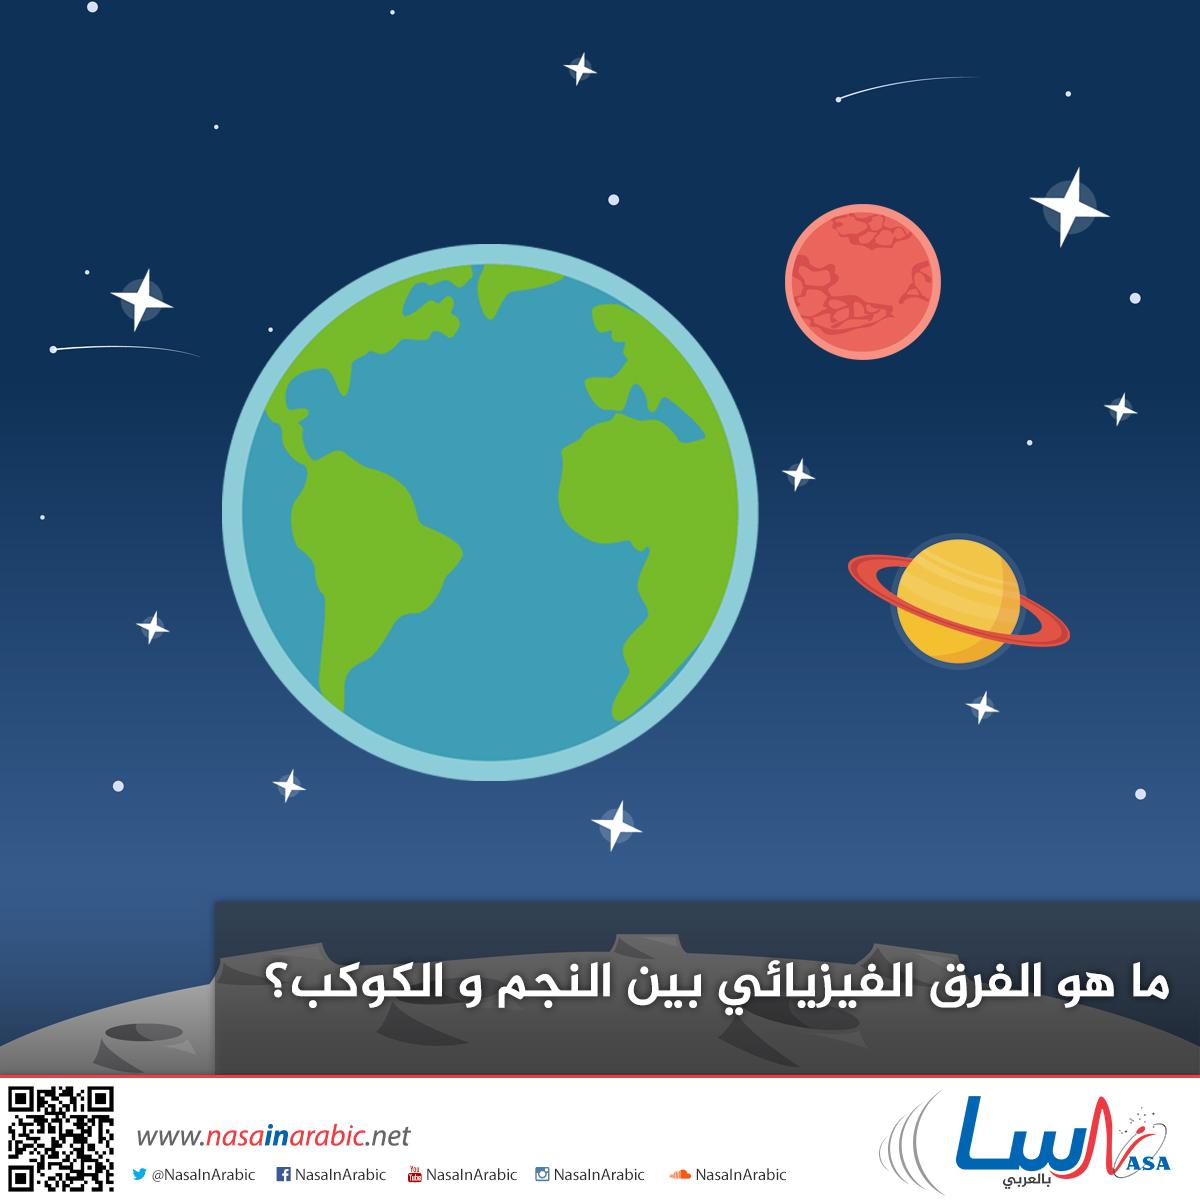 ما هو الفرق الفيزيائي بين النجم والكوكب؟